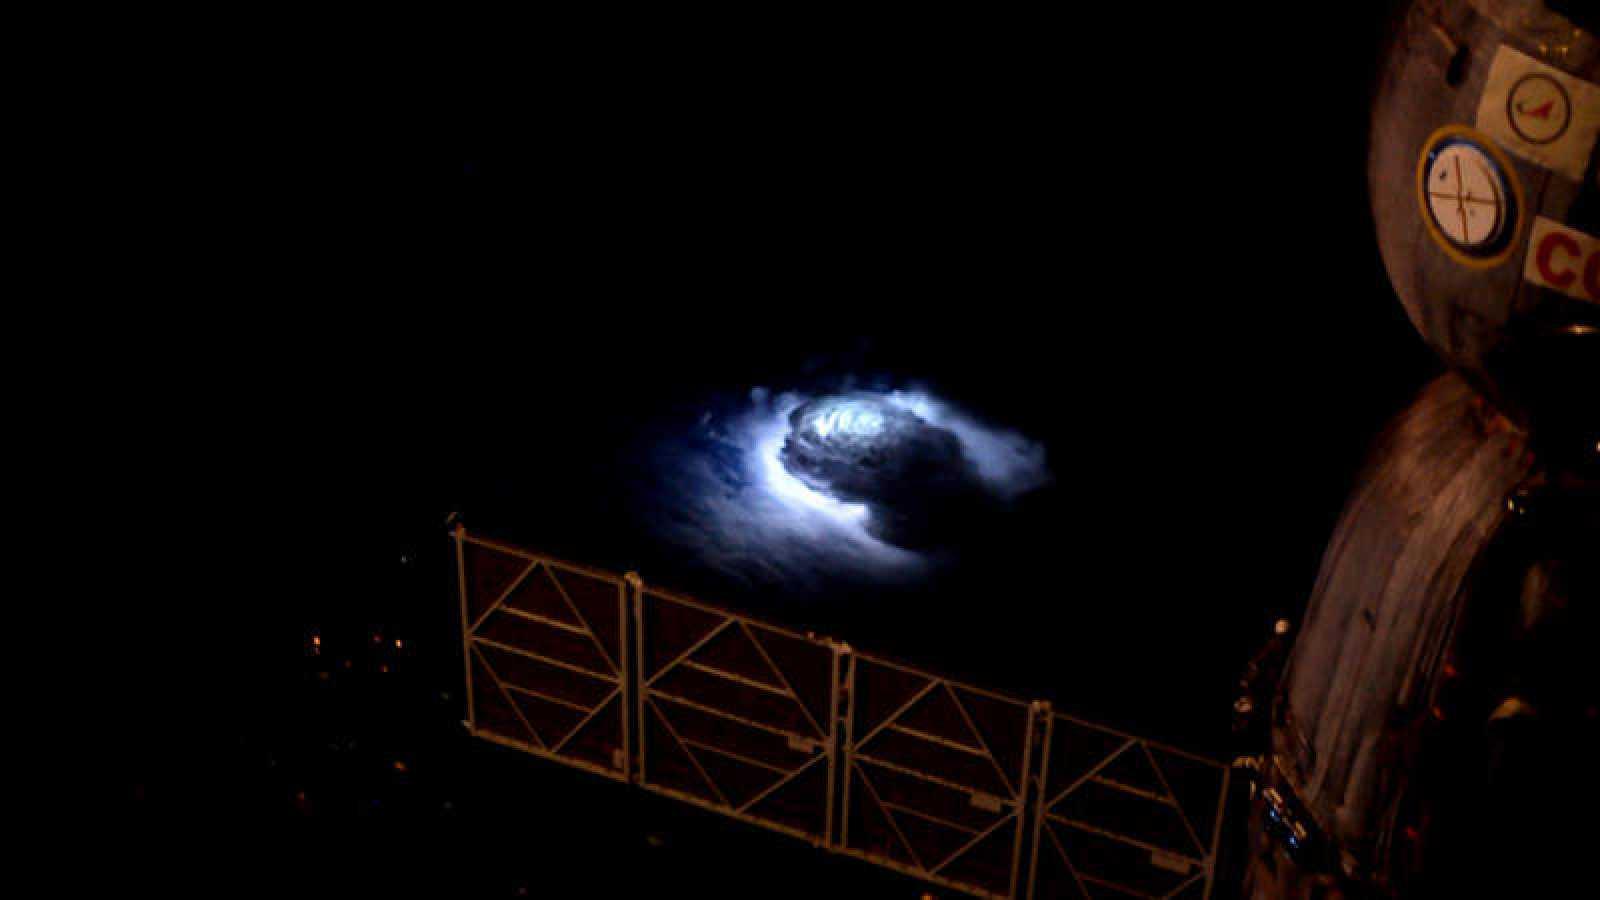 El astronauta Andreas Mogensen ha capturado en video por primera vez este extraño fenómeno meteorológico.